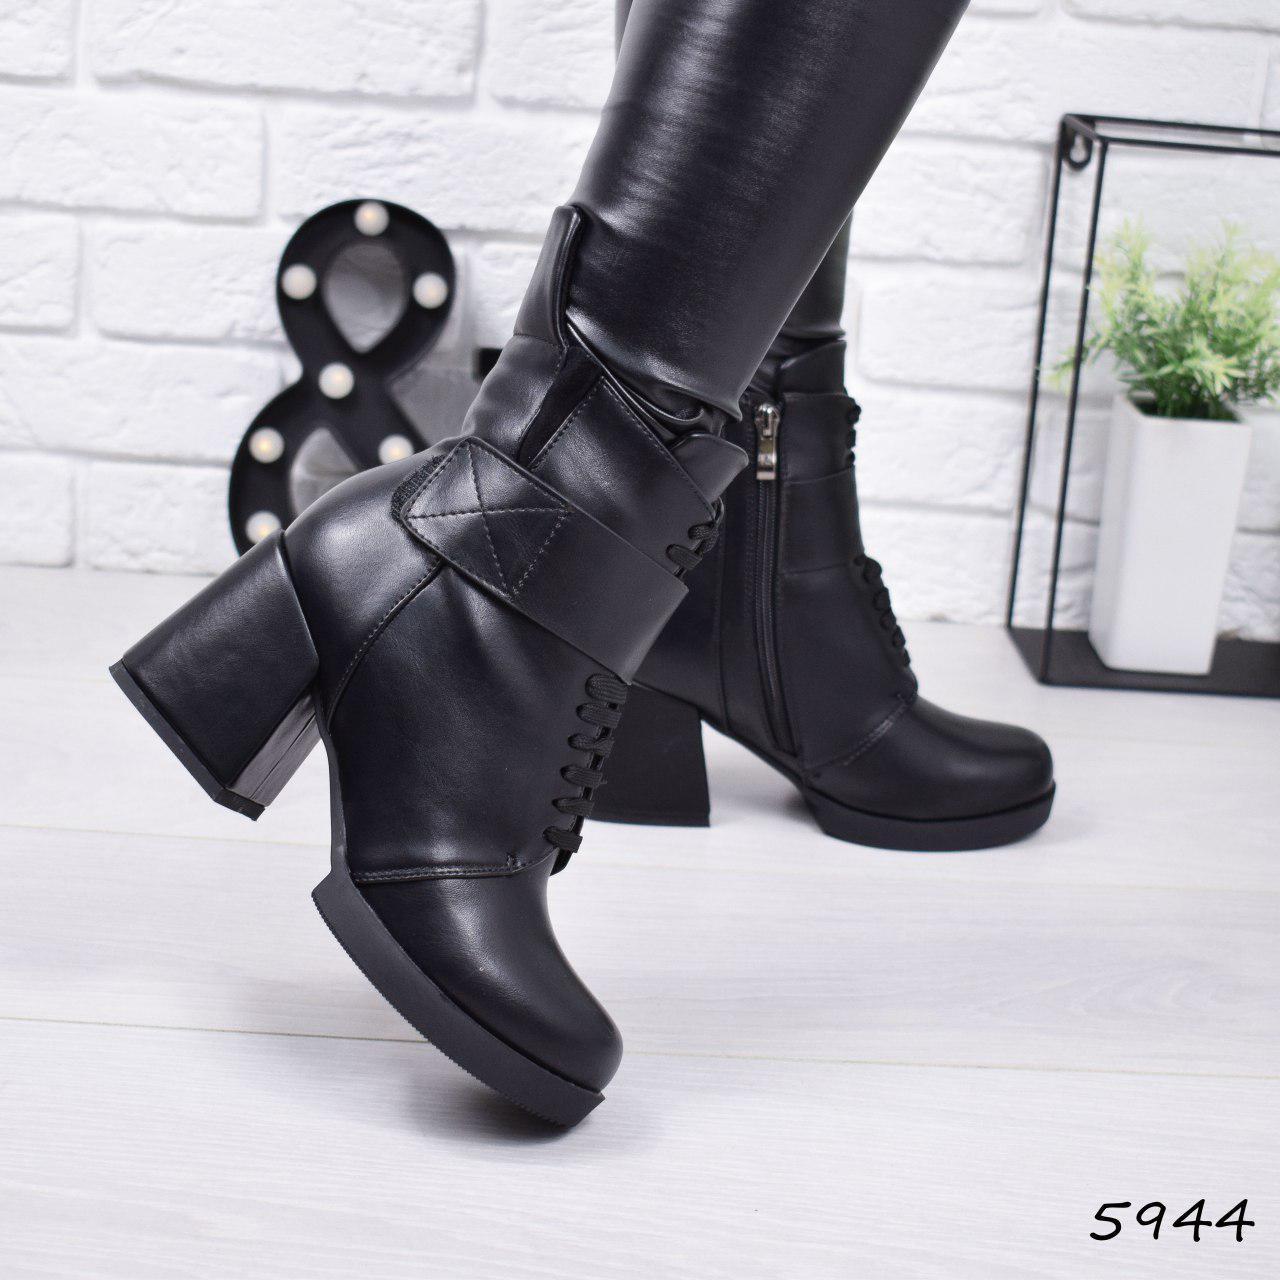 """Ботинки, ботильоны черные ЗИМА """"Mimisy"""" эко кожа, повседневная, зимняя, теплая, женская обувь"""